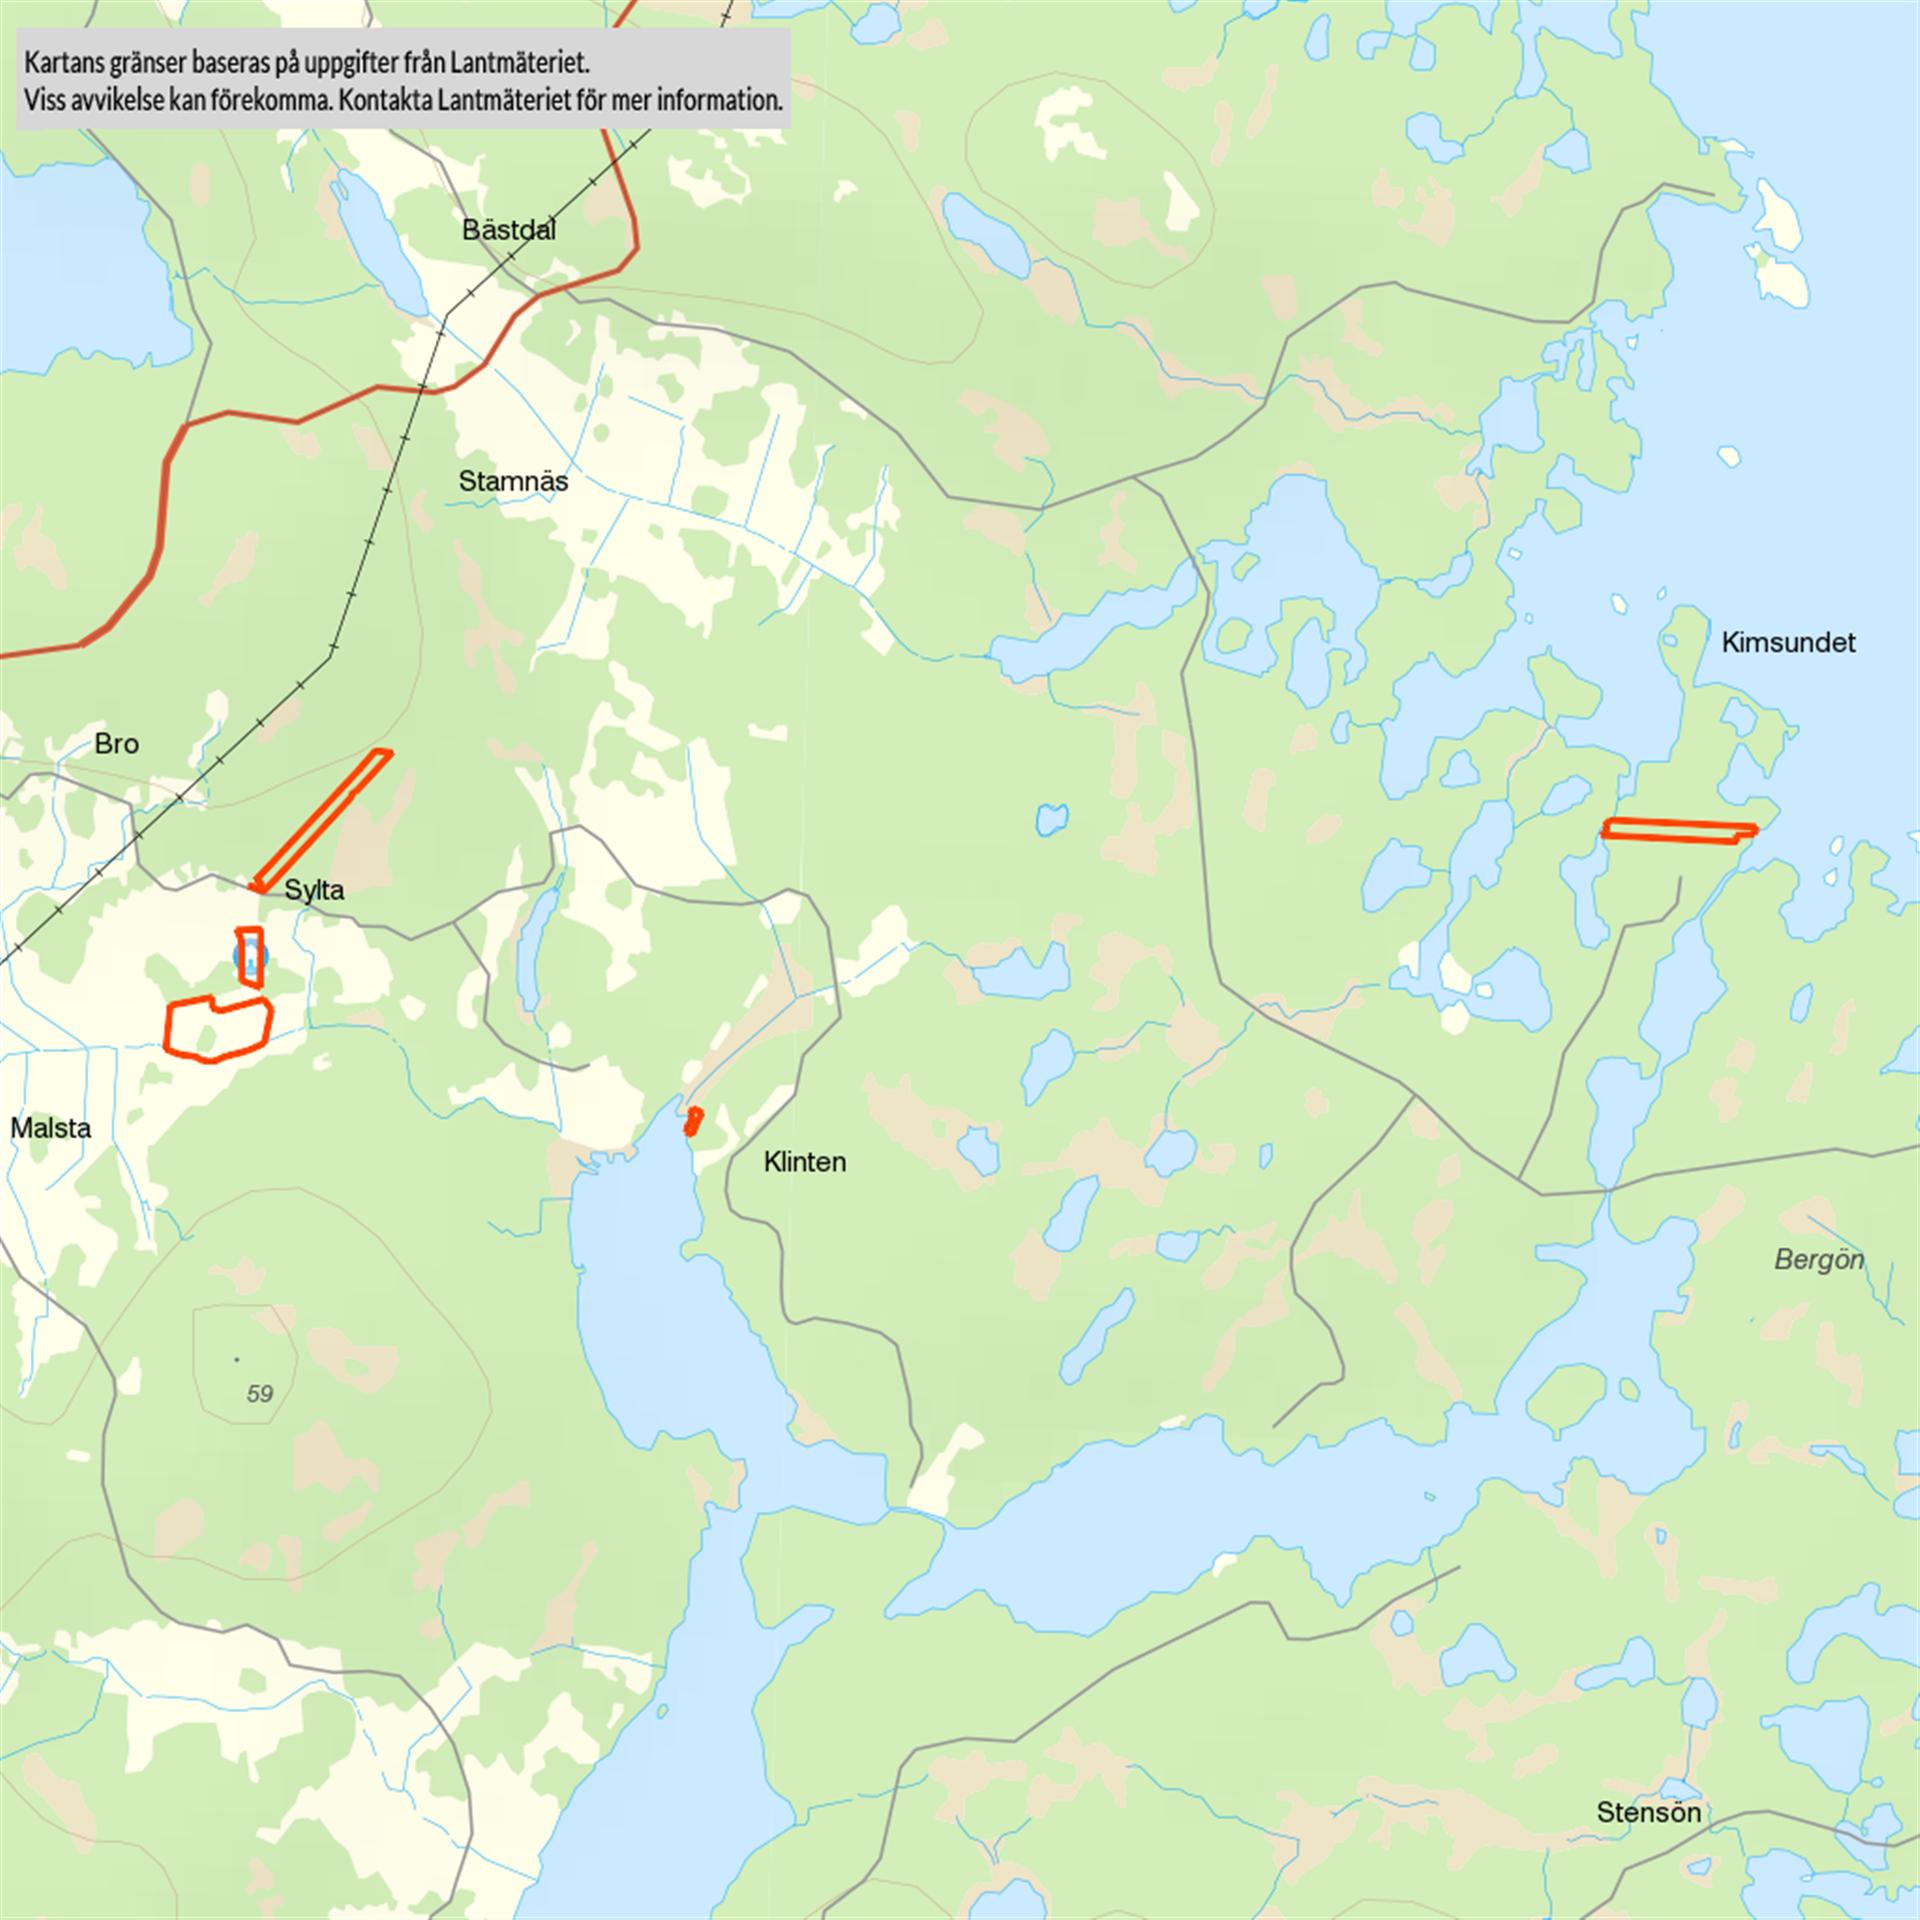 Fastighetskarta över skogsmark, åkermark och tomtmark